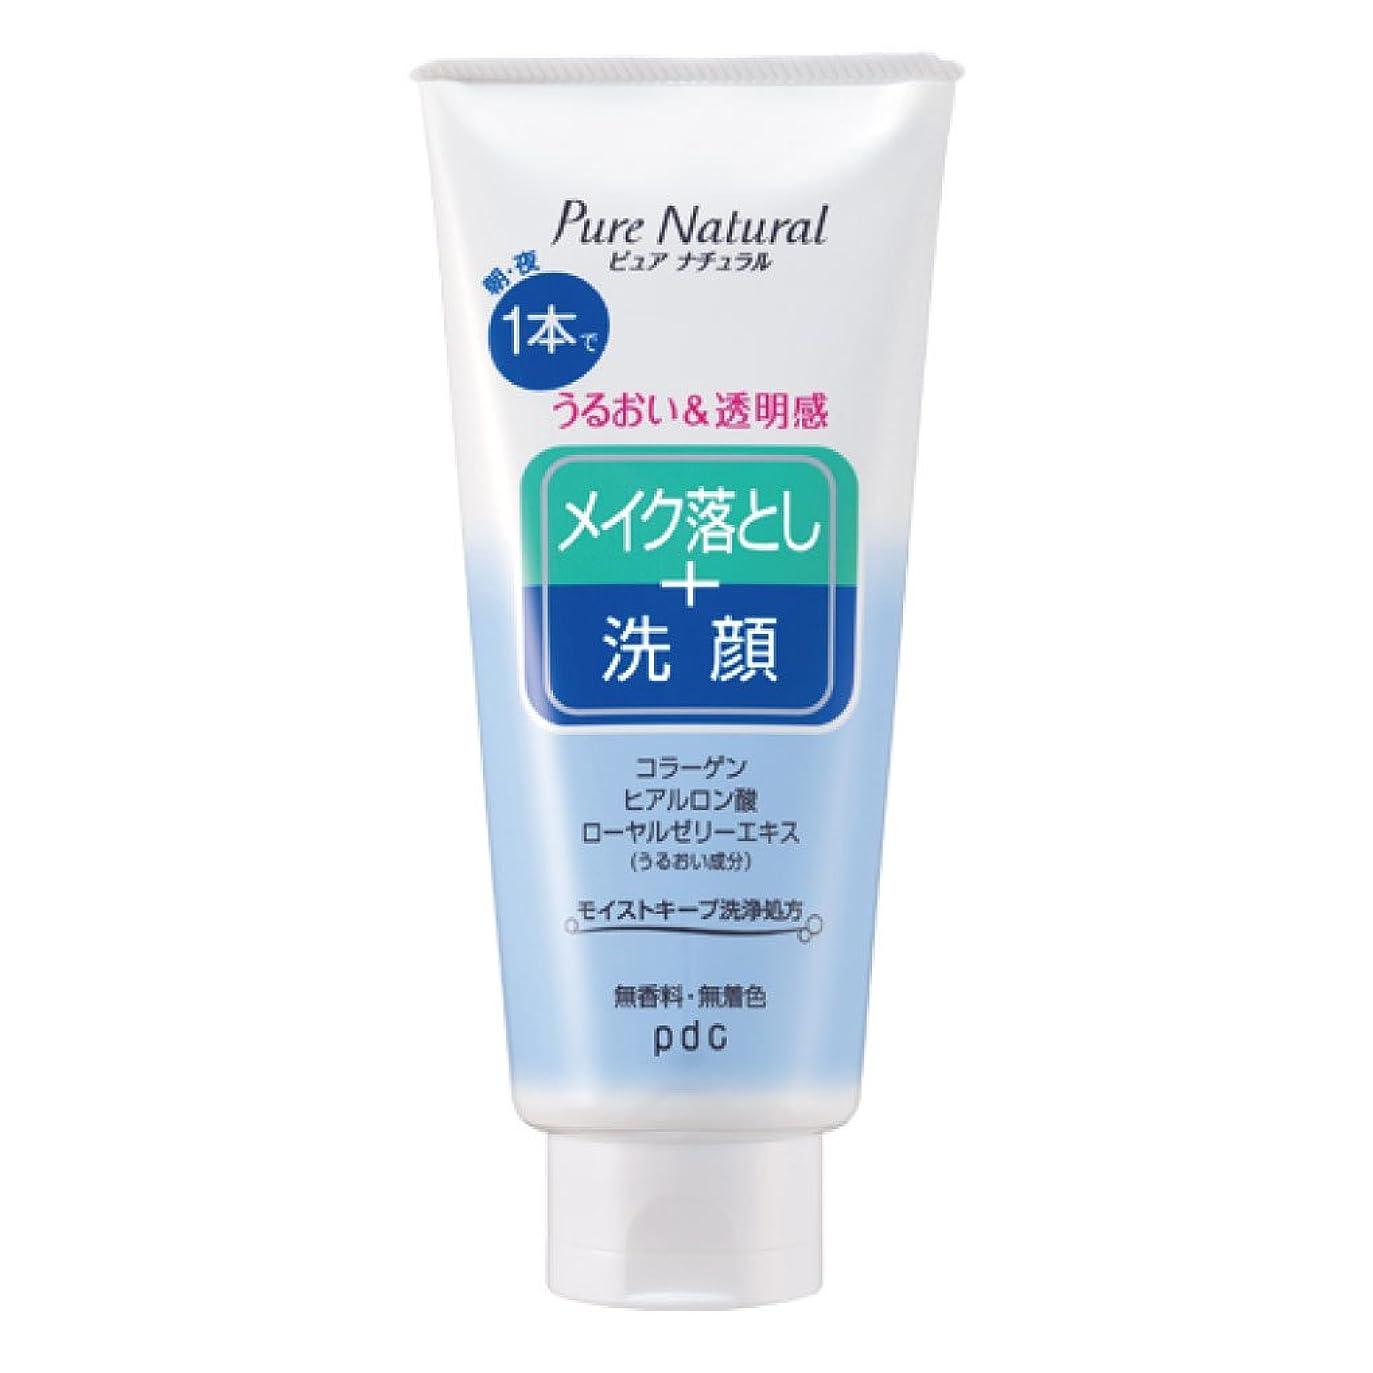 ぜいたく追うインドPure NATURAL(ピュアナチュラル) クレンジング洗顔 170g